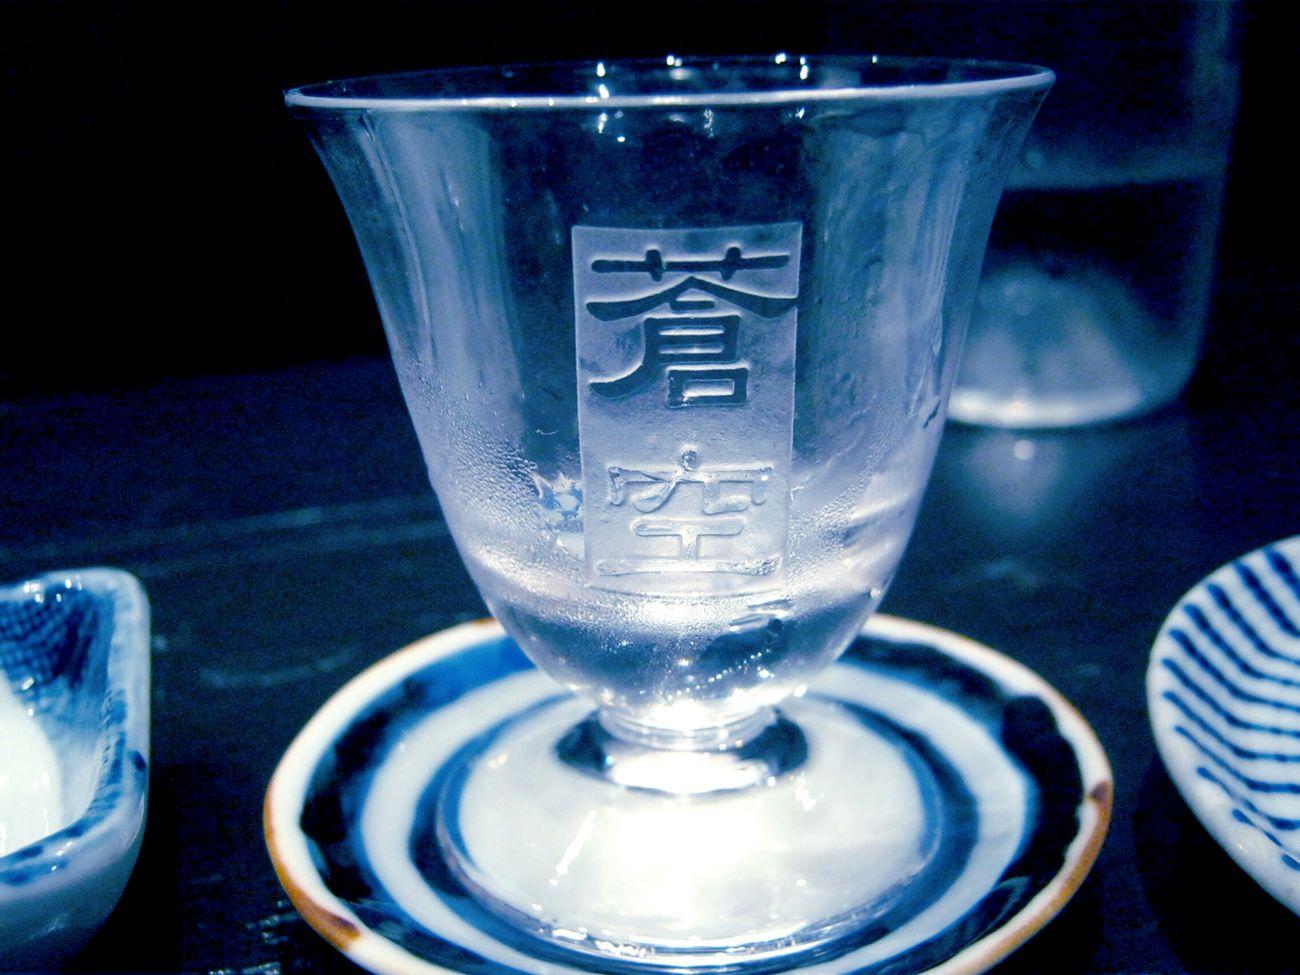 酒 日本酒 グラス カラス Japan Photography Kyoto 京都 Japan Good